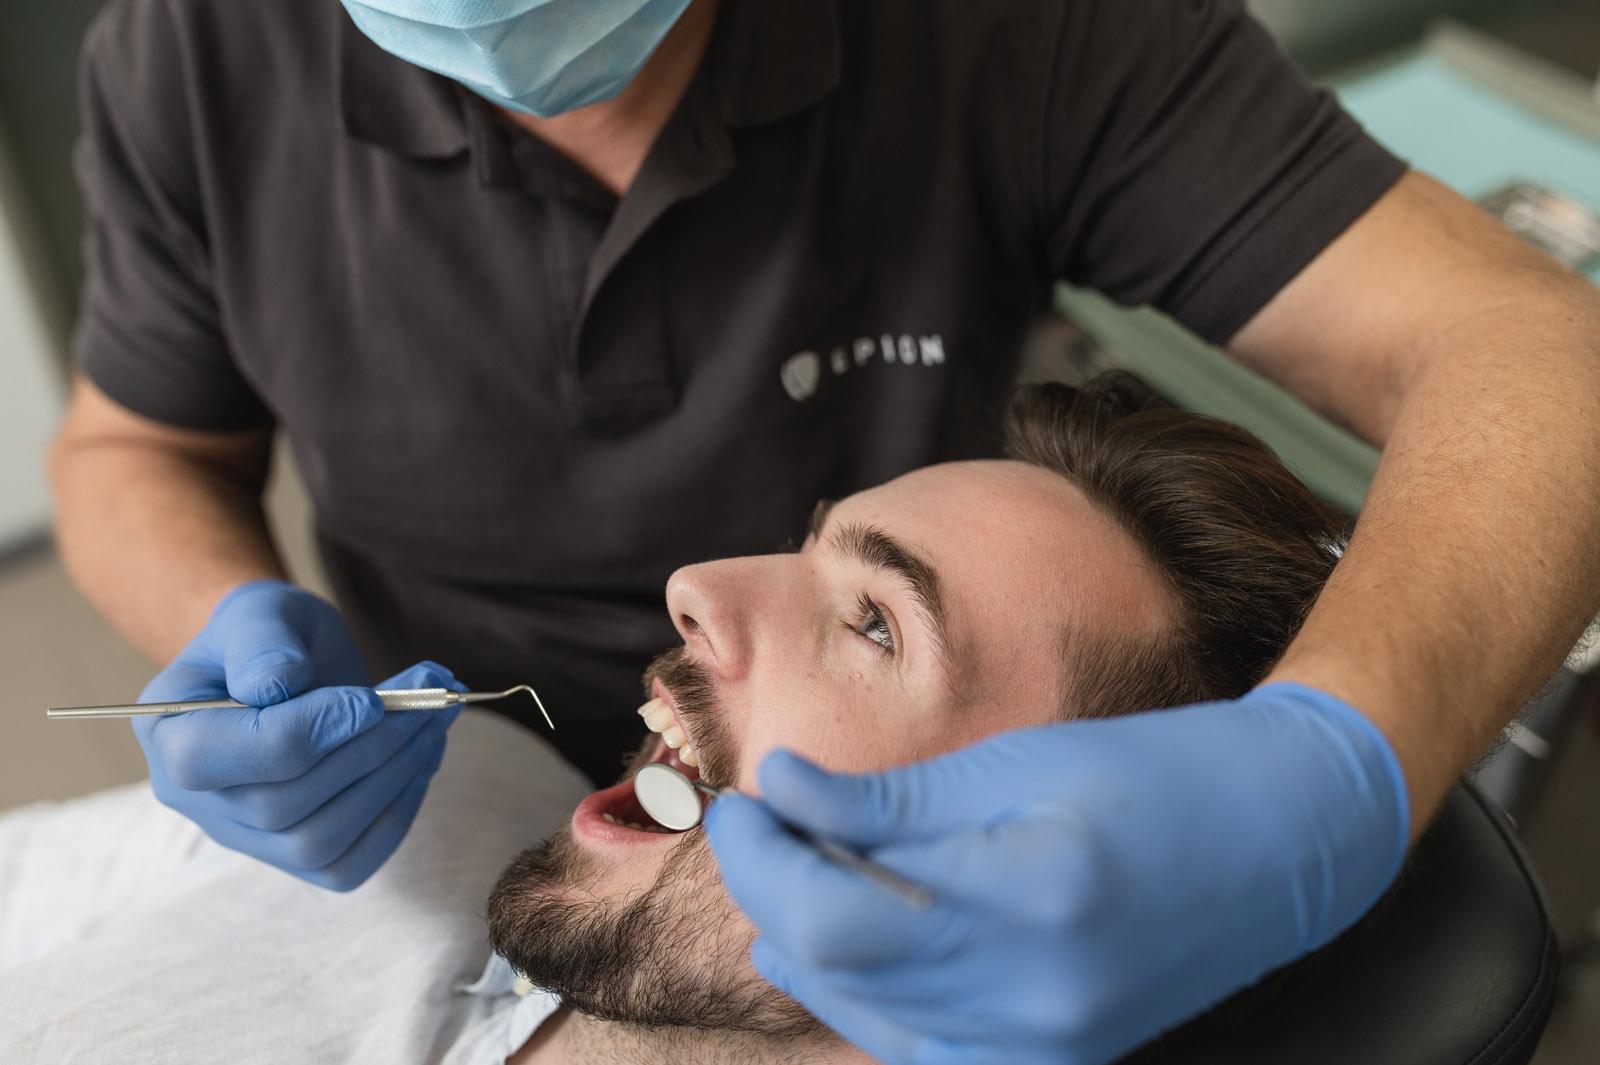 Художественная реставрация зубов в Киеве (Лукьяновка) | Epion Dental Center